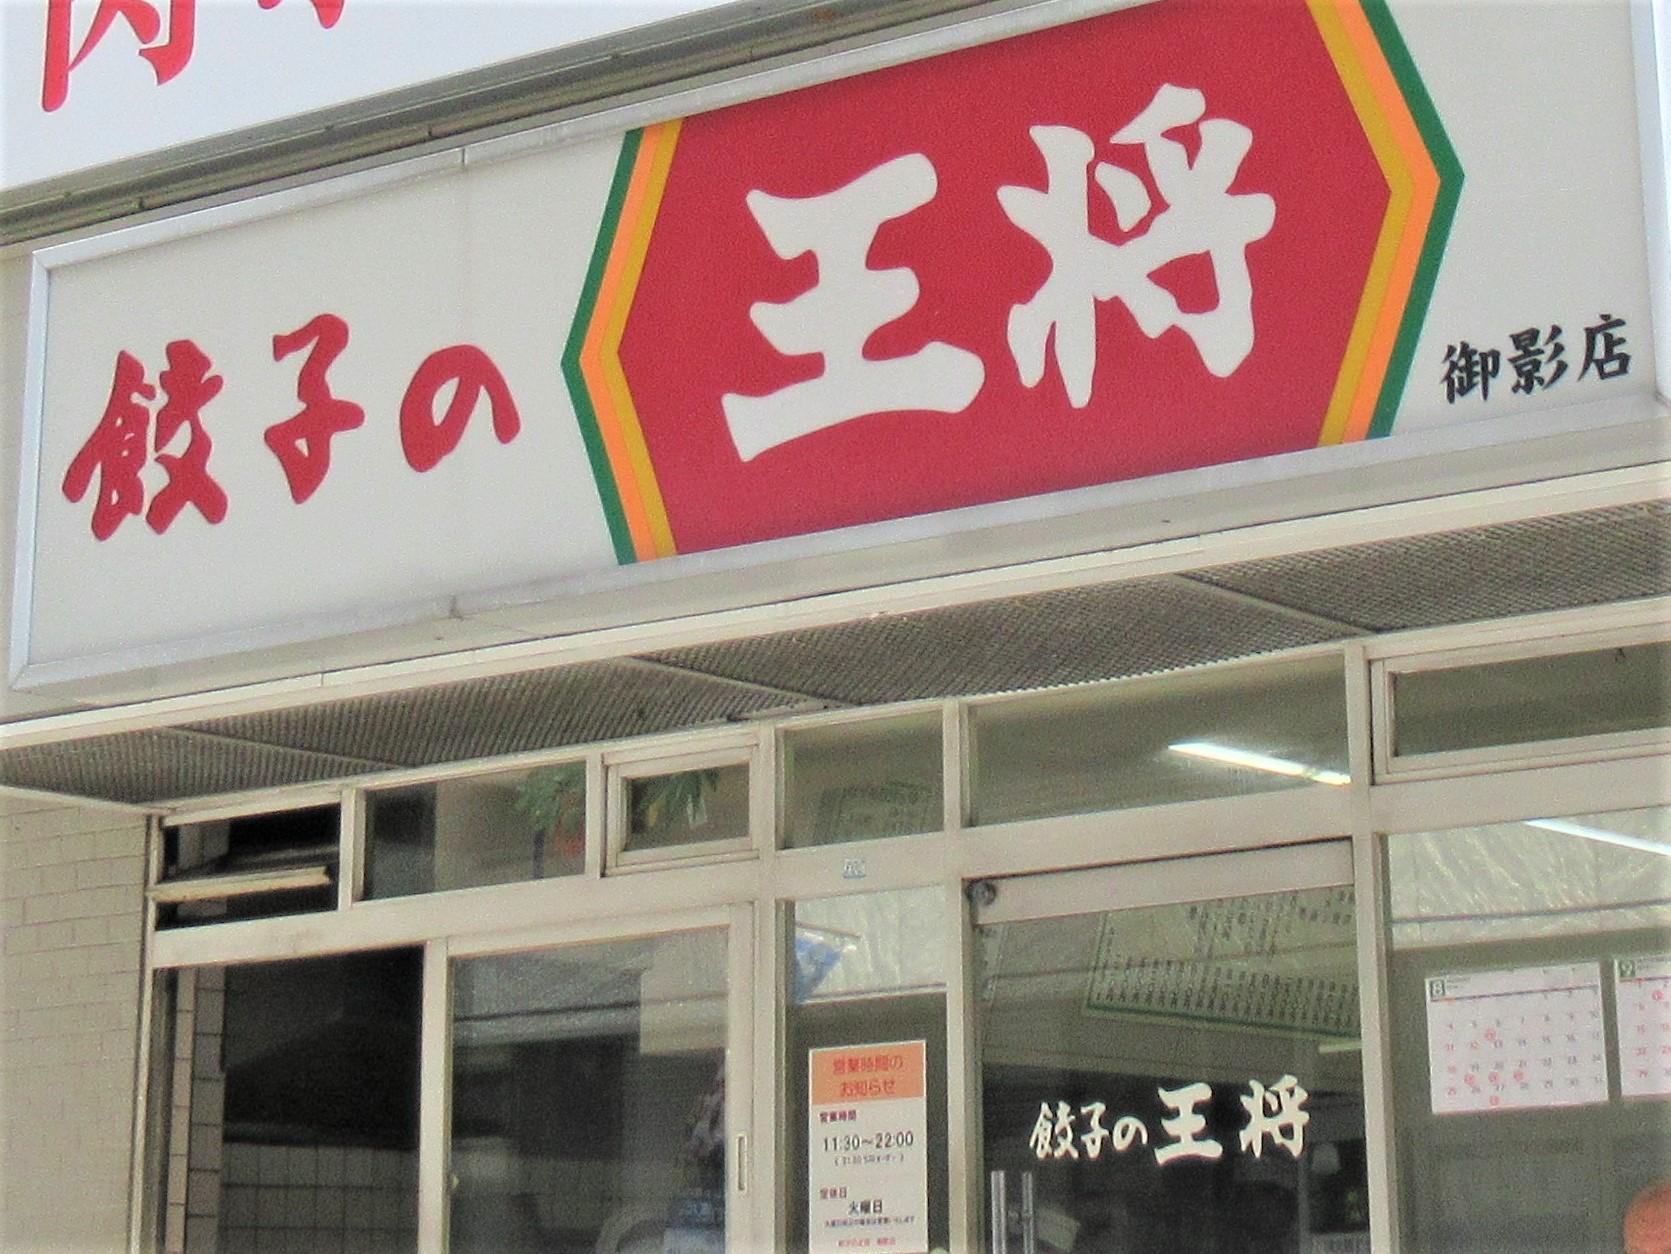 餃子の王将「御影店」店内メニューと持ち帰りメニューを紹介!餃子の値段は?|ラク家事ブログ